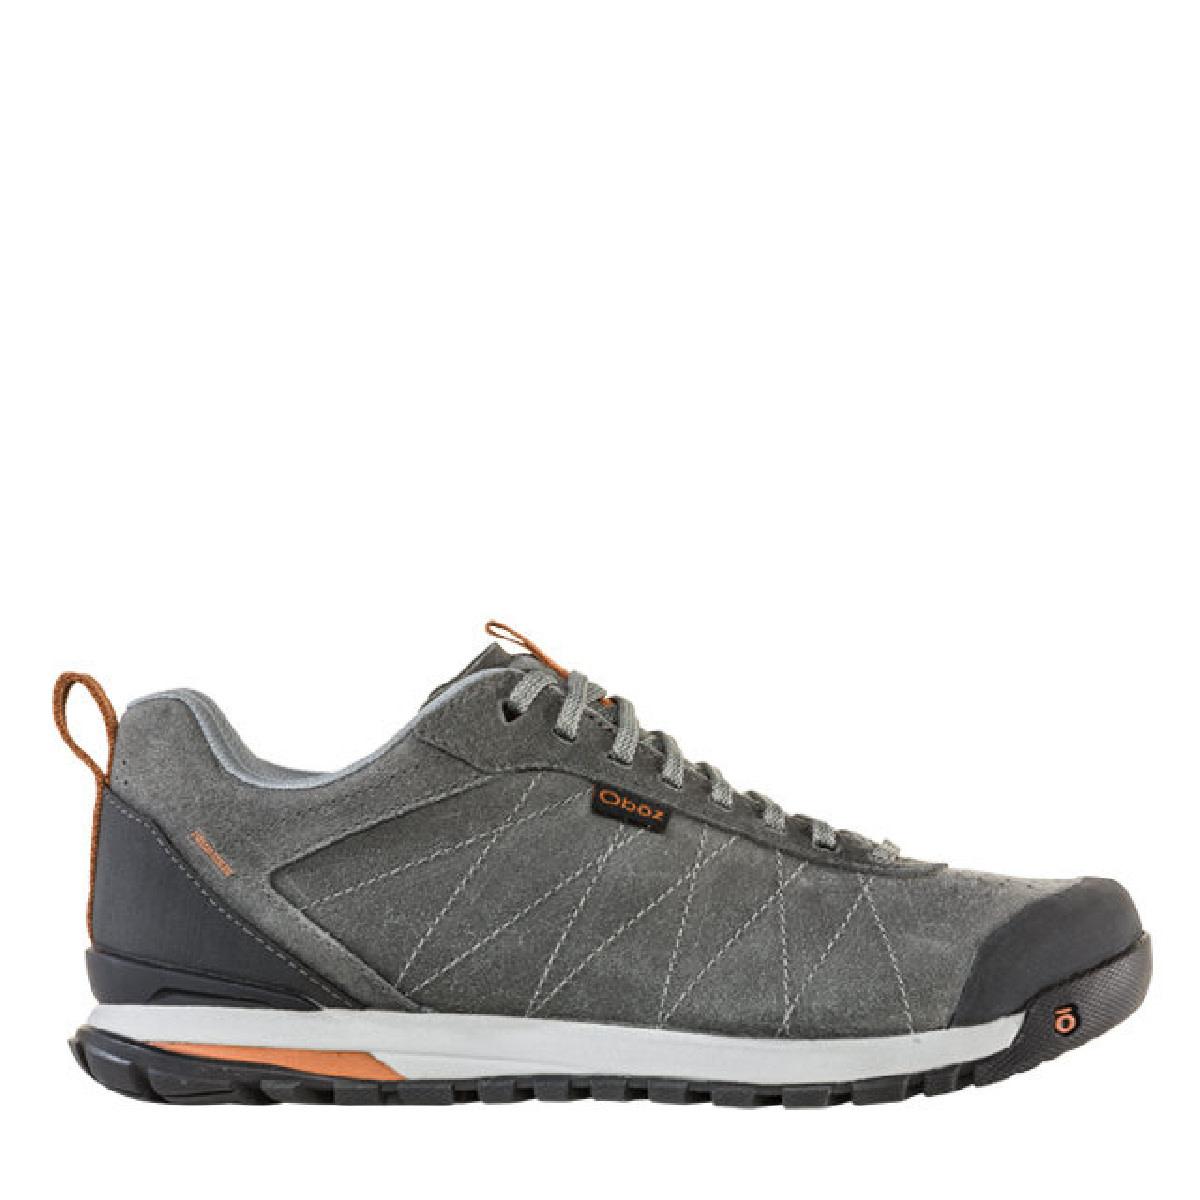 Oboz Oboz Bozeman Low Leather Charcoal